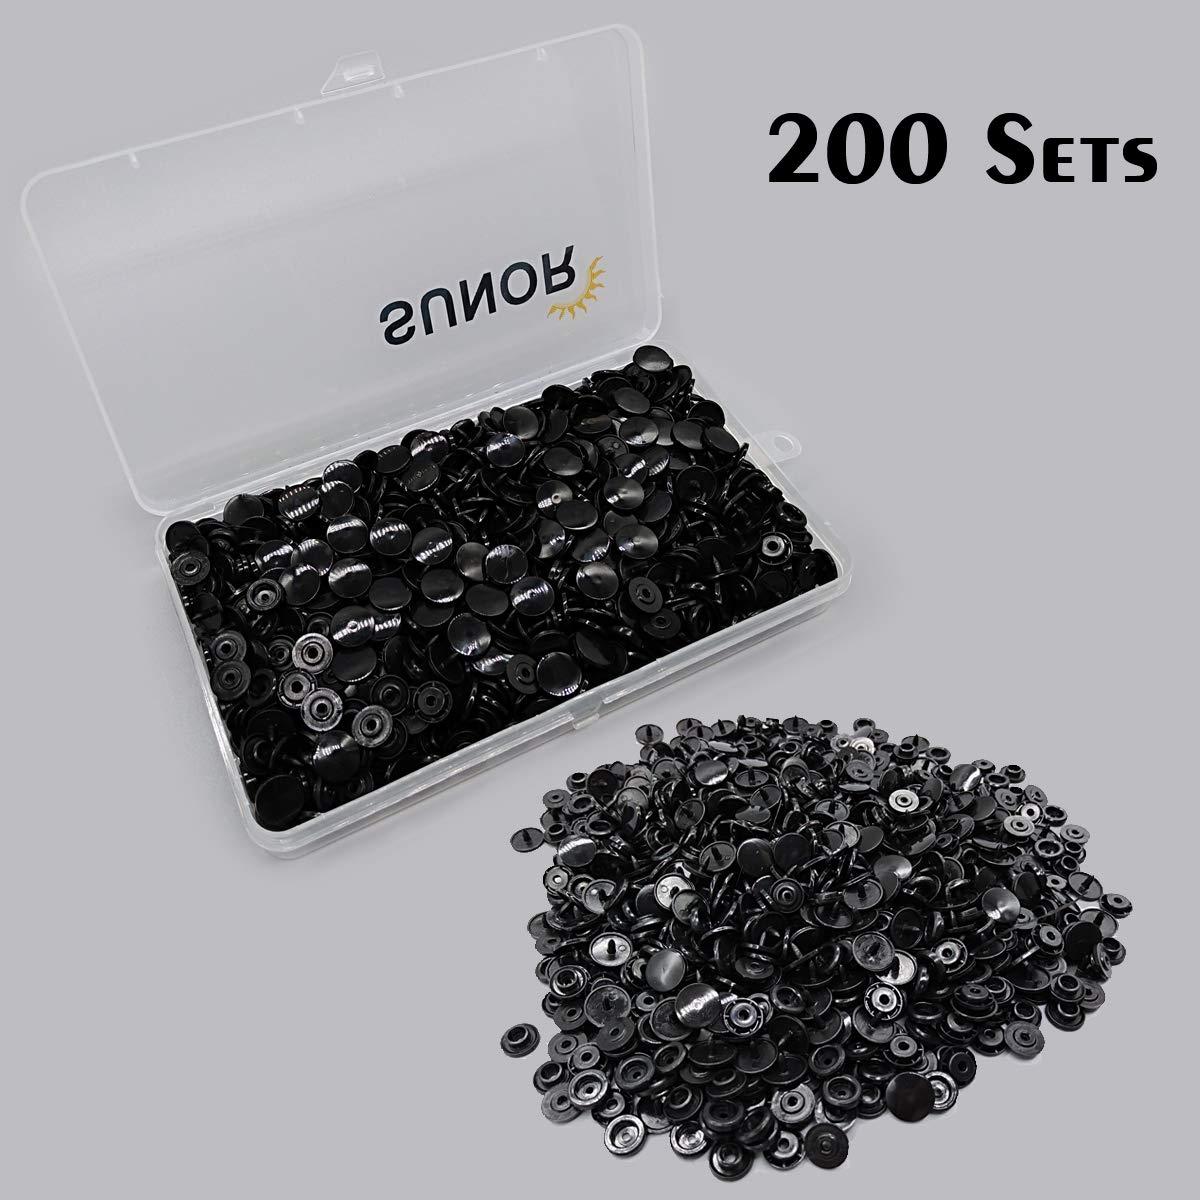 SUNOR 360 juegos de cierres de bot/ón de pl/ástico T5 Black and White Snaps 24 colores, alicates para T3, T5, T8 pl/ástico juego de alicates para todo tipo de ropa DIY